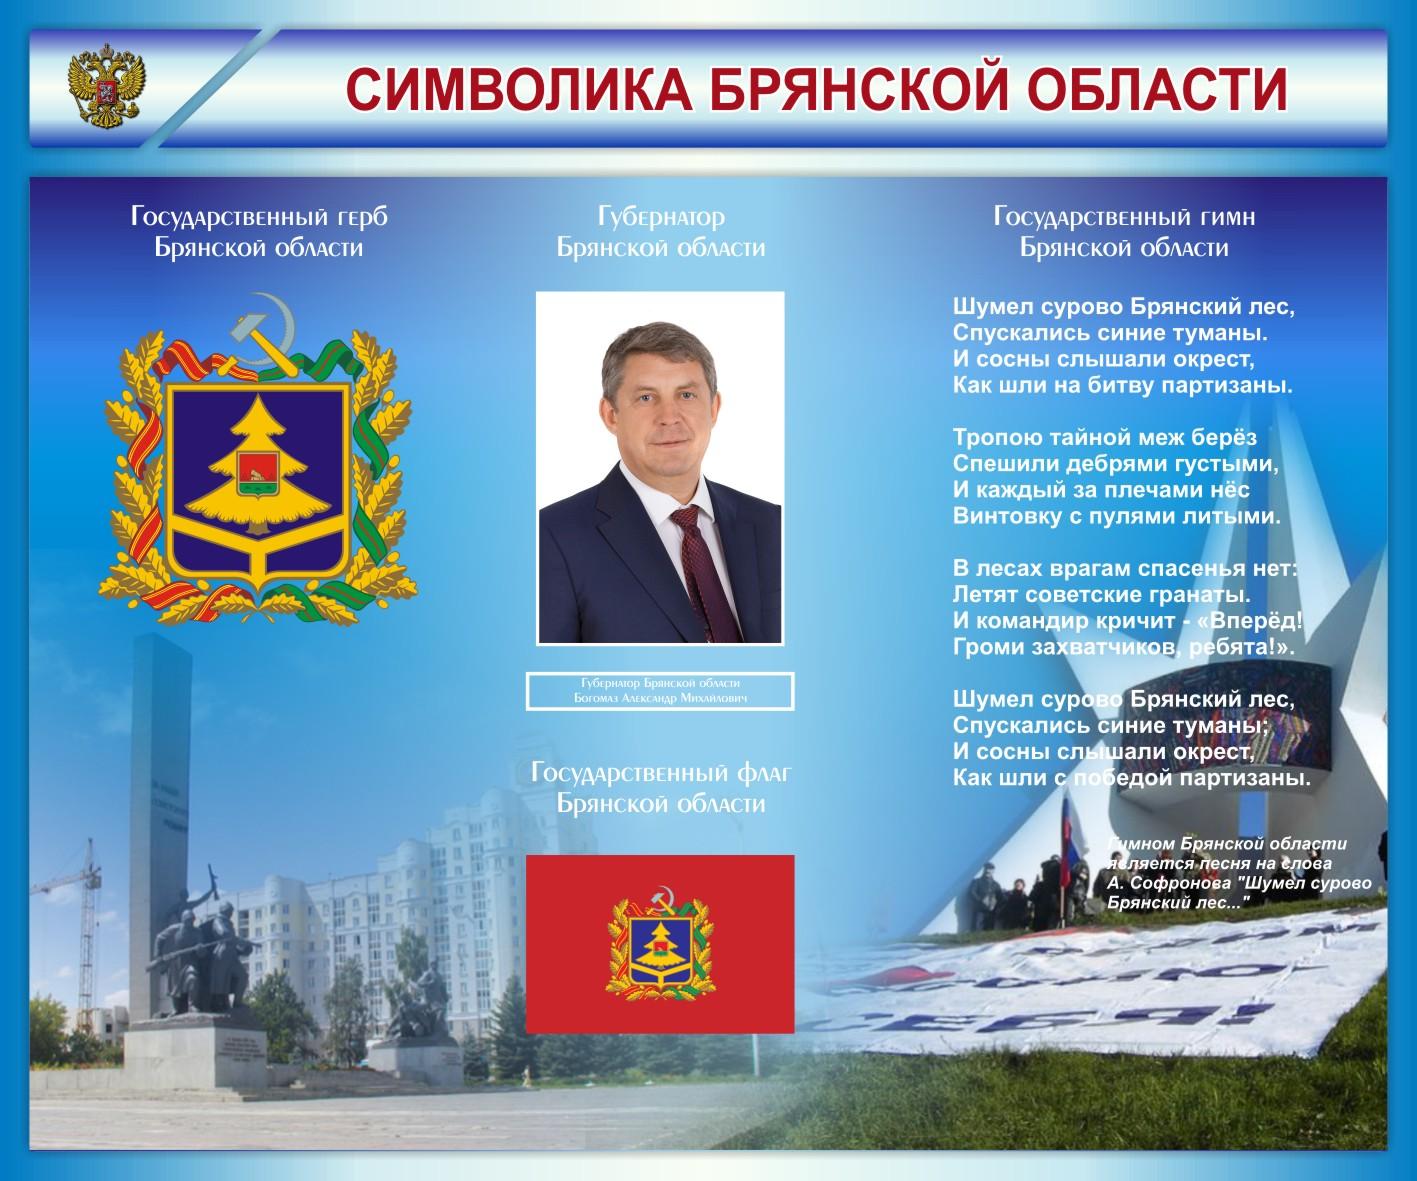 Стенд Символика Брянской области